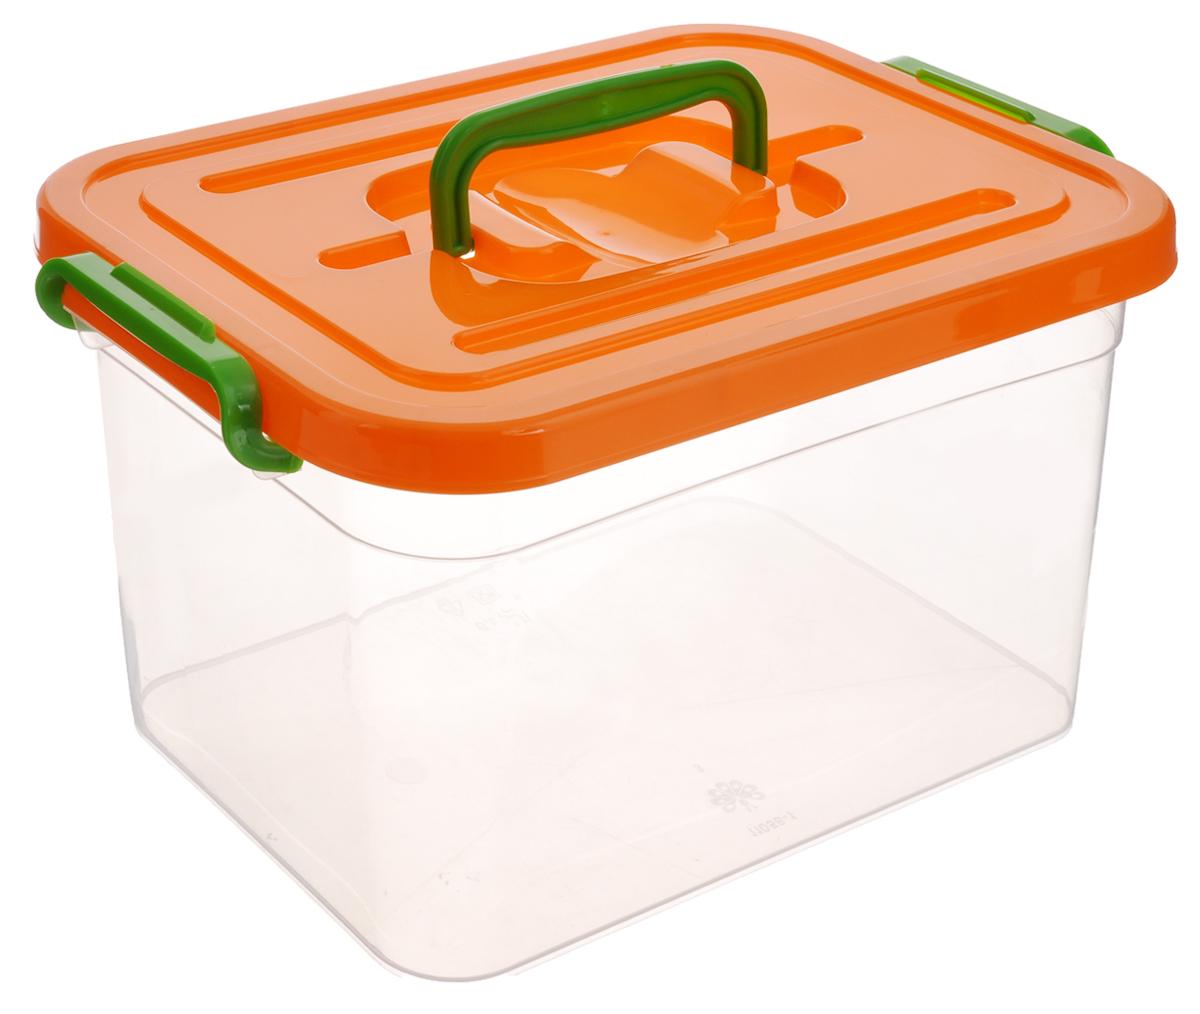 Контейнер для хранения Полимербыт, цвет: оранжевый, прозрачный, 6,5 л74-0060Контейнер для хранения Полимербыт, выполненный из высококачественного пищевого пластика, снабжен удобной ручкой и двумя пластиковыми фиксаторами по бокам, придающими дополнительную надежность закрывания крышки. Вместительный контейнер позволит сохранить вещи в порядке, а герметичная крышка предотвратит случайное открывание, а также защитит содержимое от пыли и грязи.